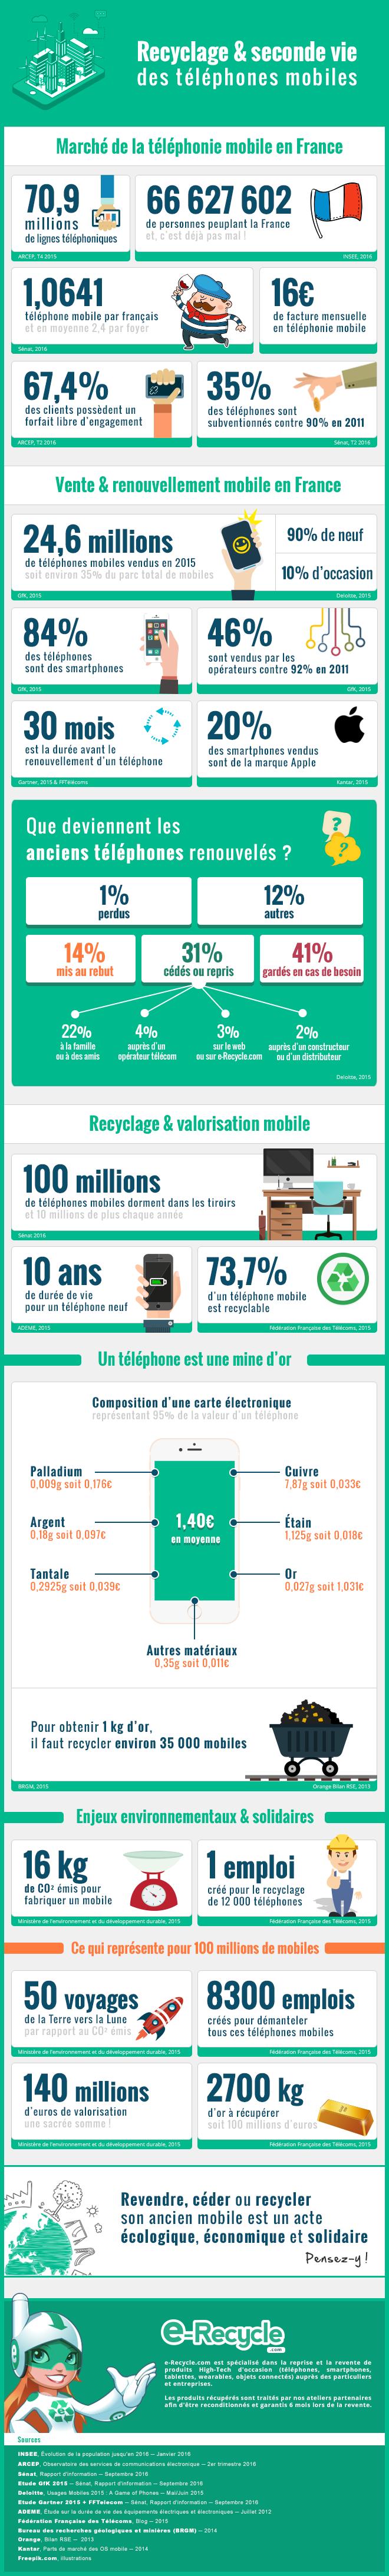 e-Recycle - Infographie - Recyclage et seconde vie des téléphones mobiles